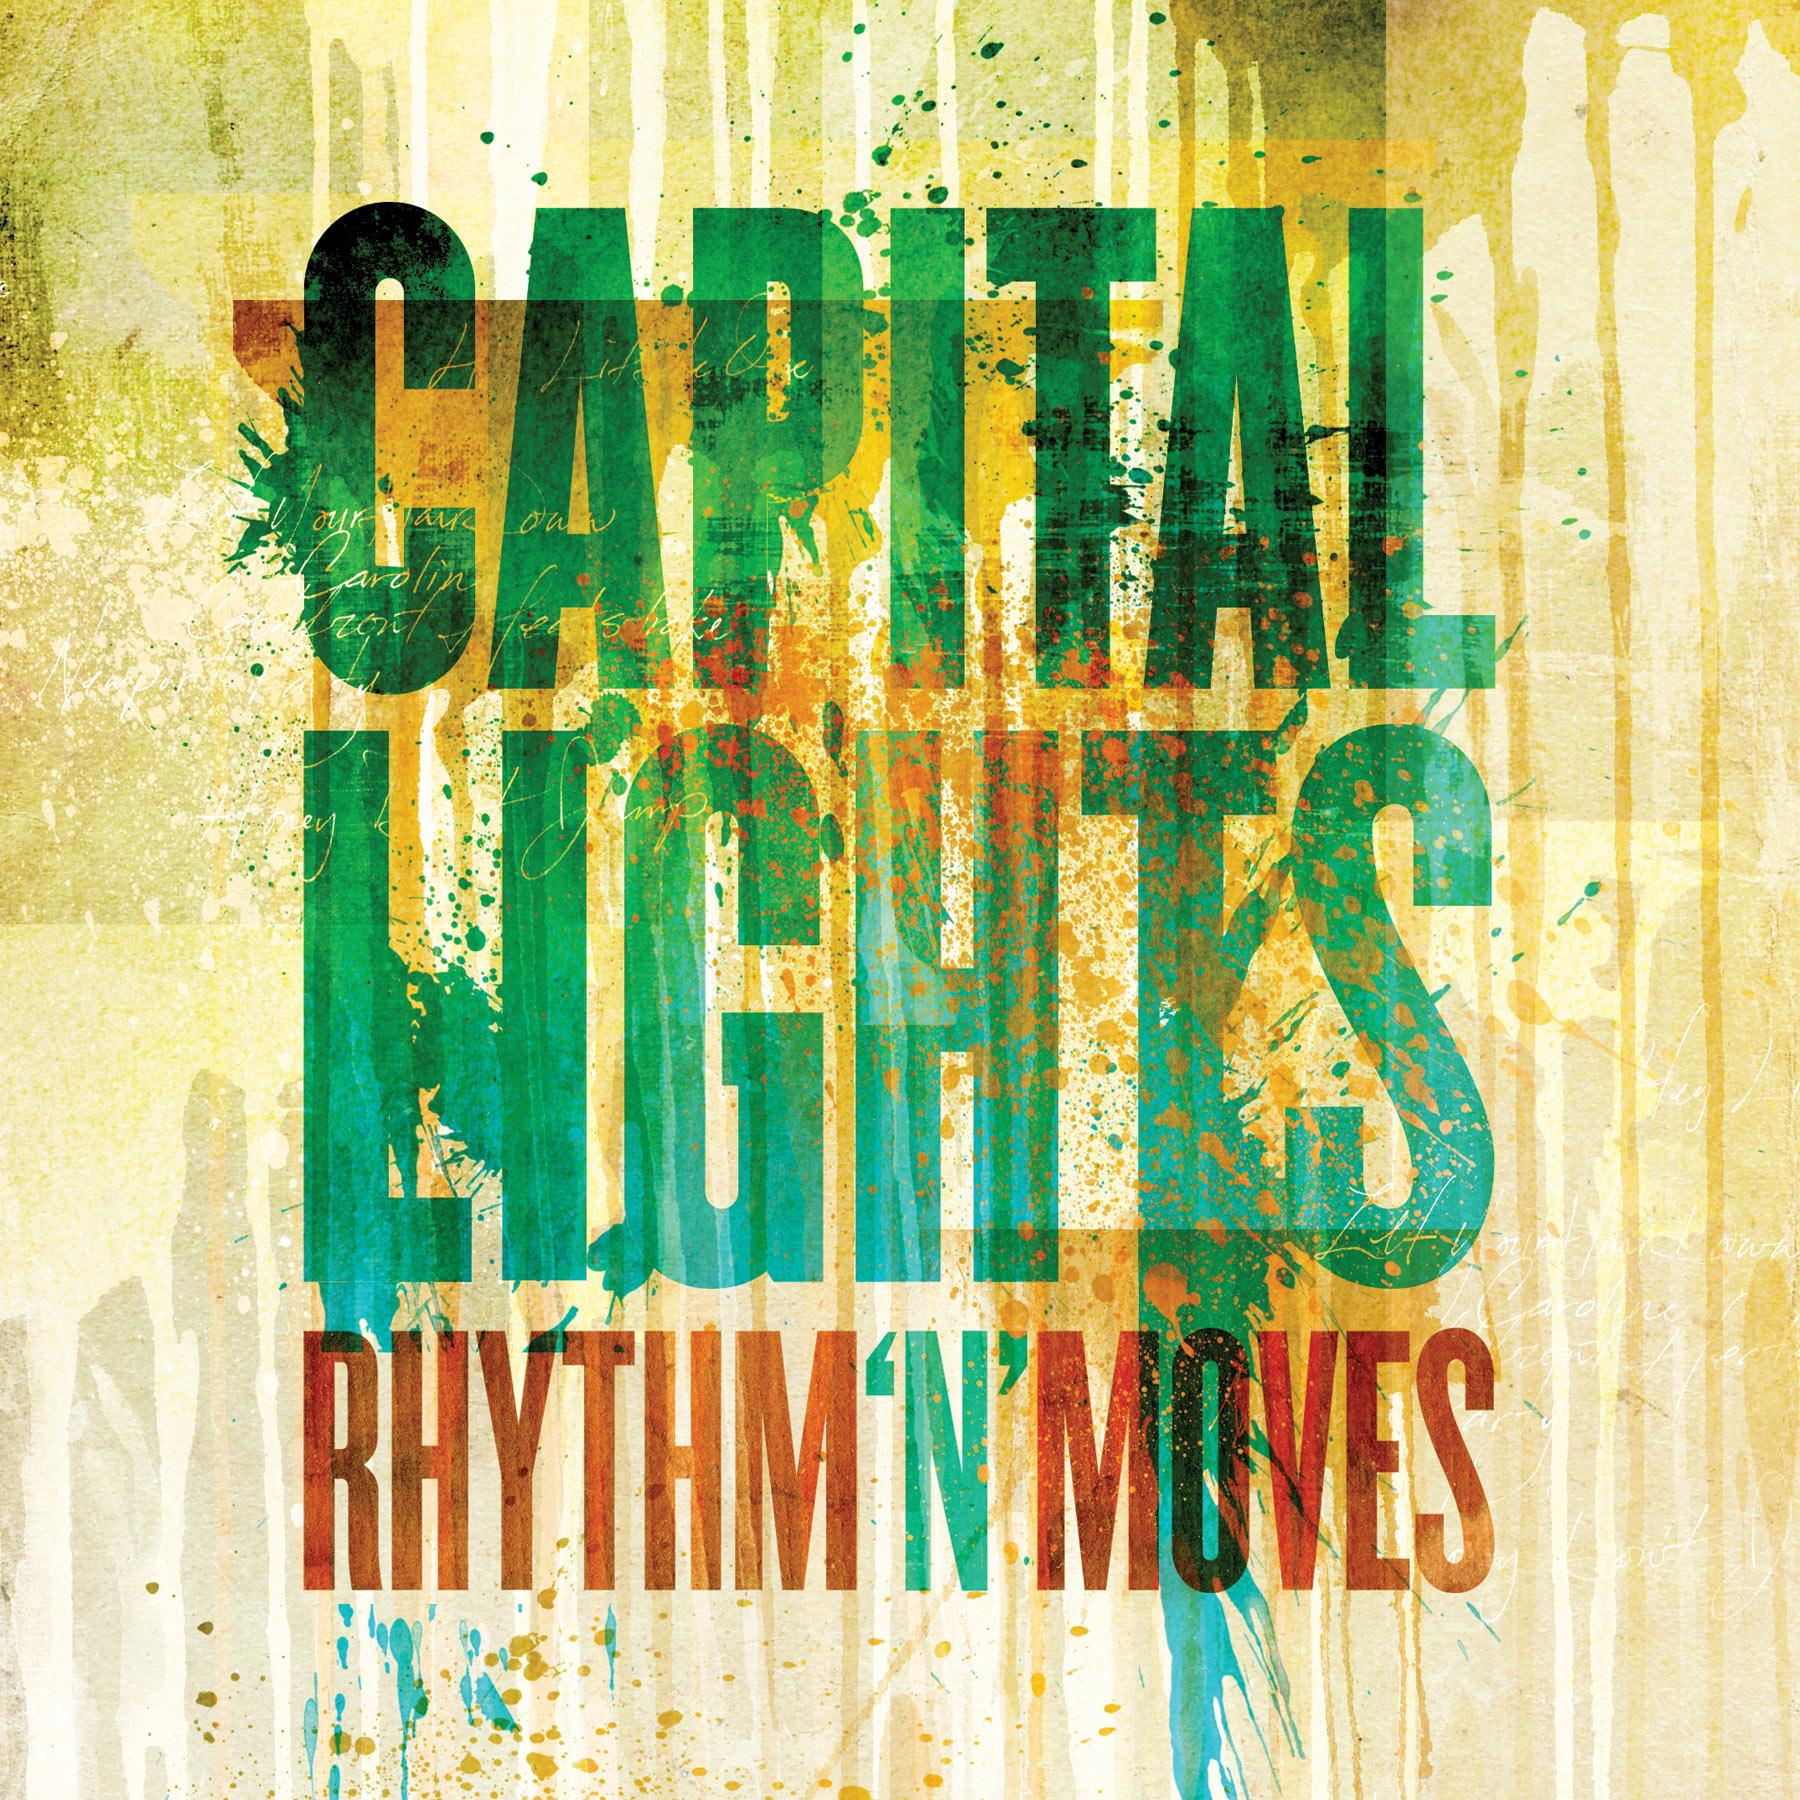 Capital Lights - RhythmN'Moves.jpg